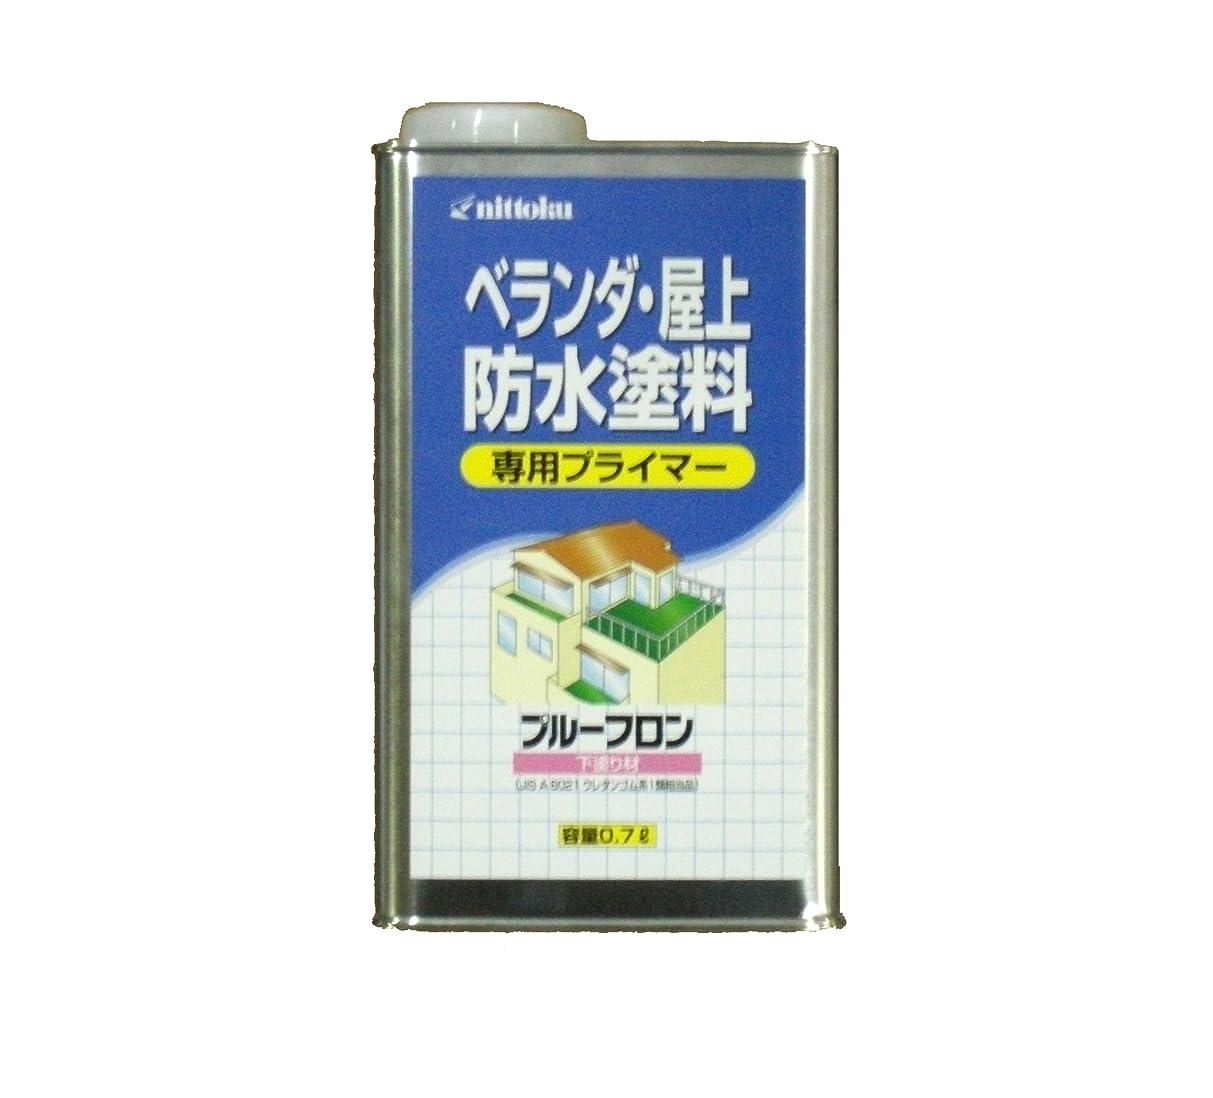 時制技術干渉日本特殊塗料 ベランダ?屋上防水塗料一液ウレタン プルーフロン専用プライマー 0.7L